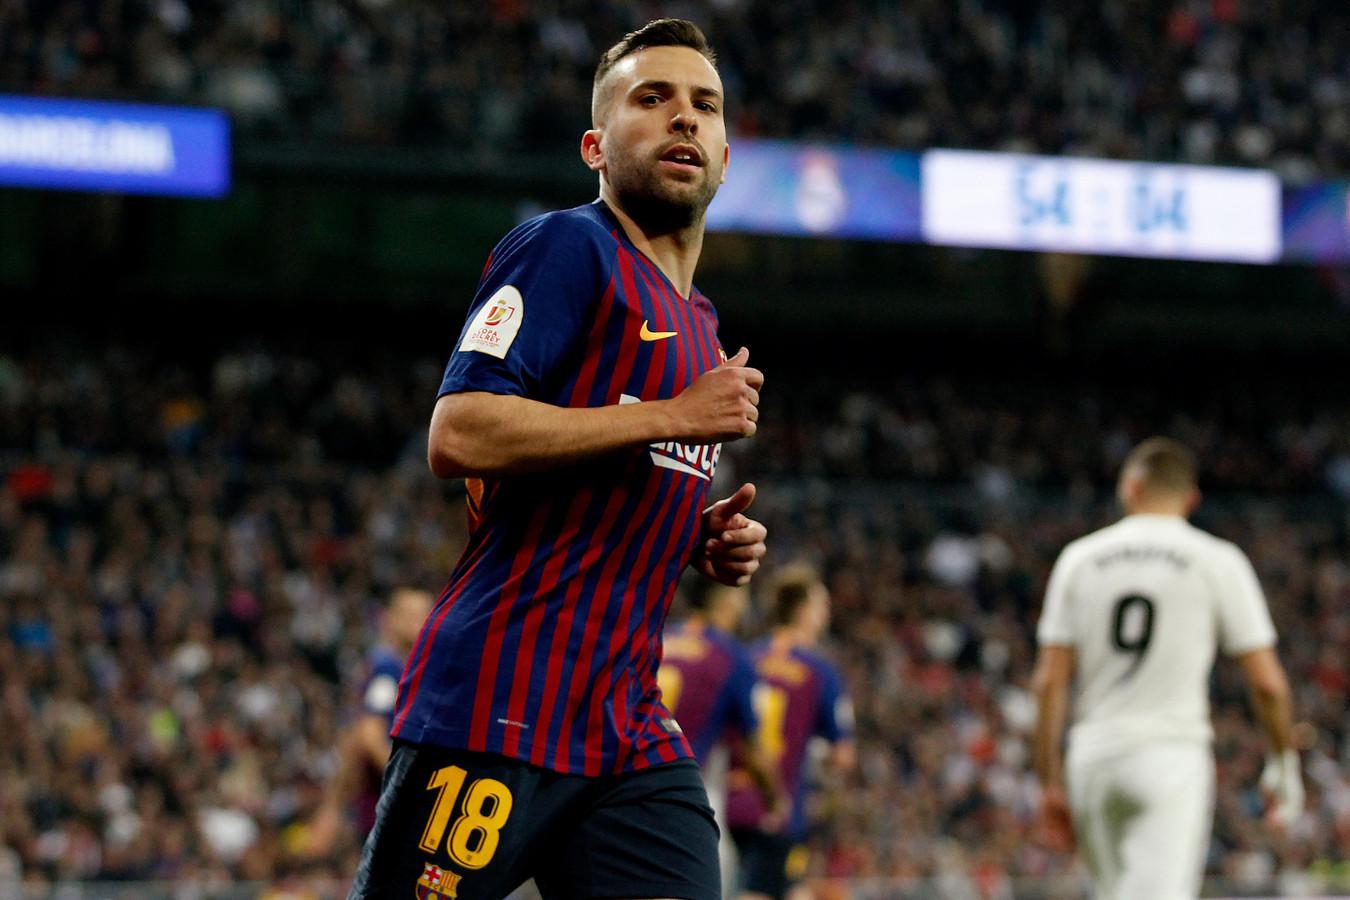 Alba tijdens de wedstrijd tegen Real Madrid.